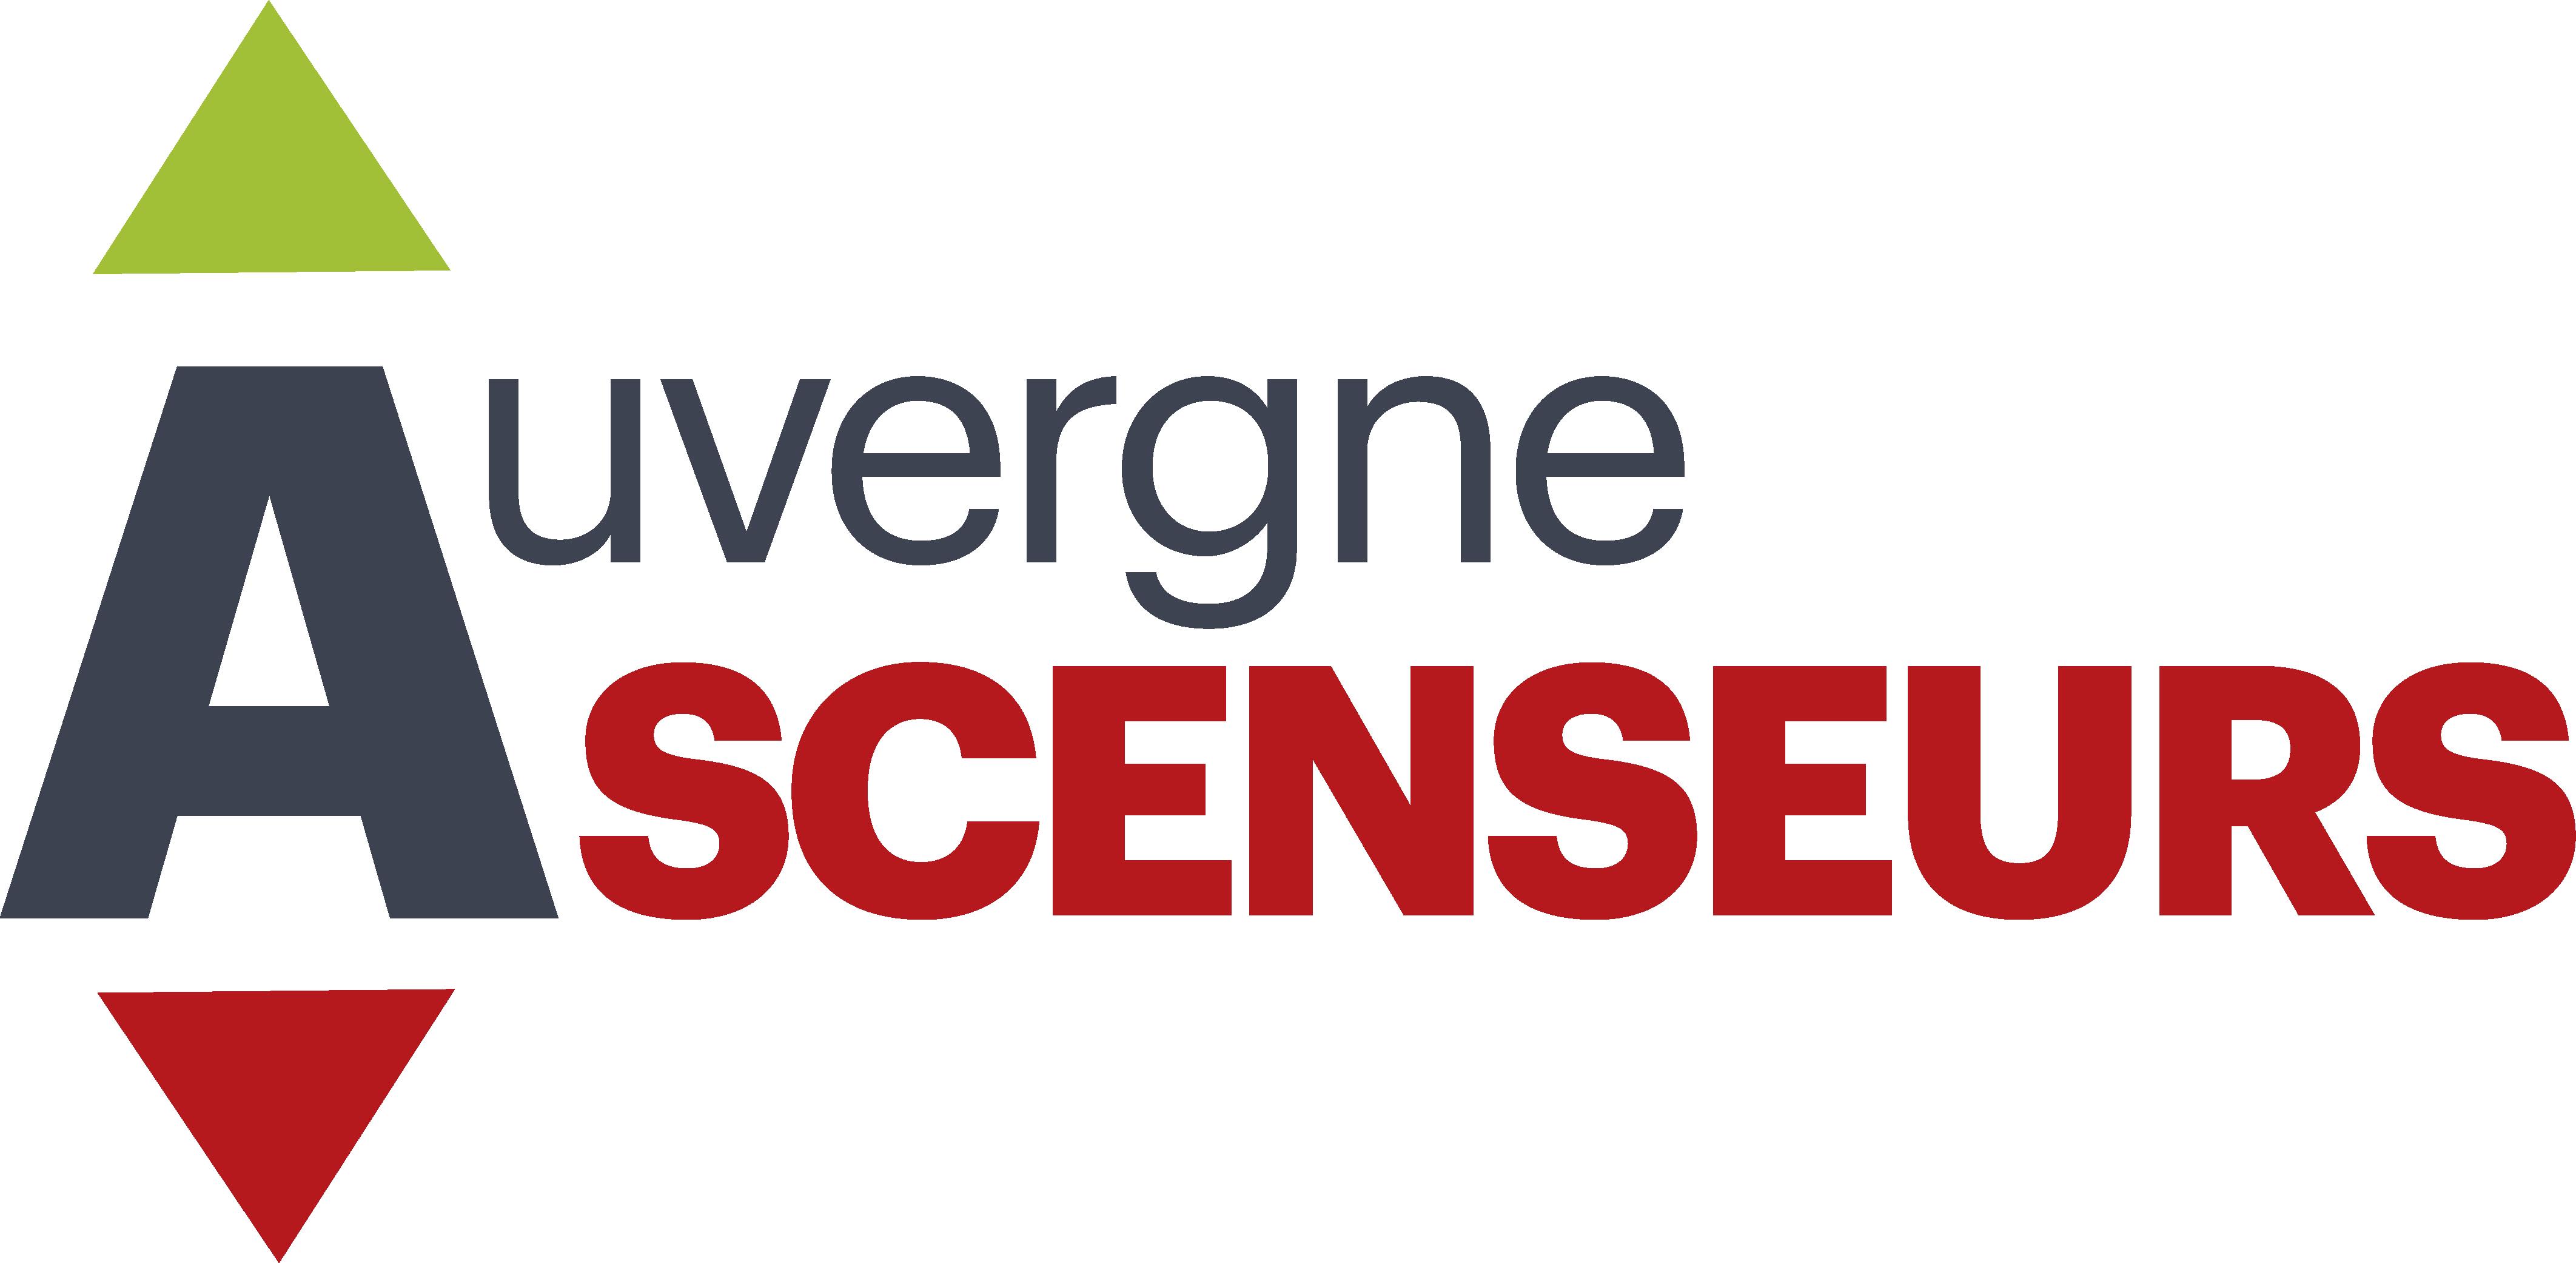 Auvergne Ascenseurs